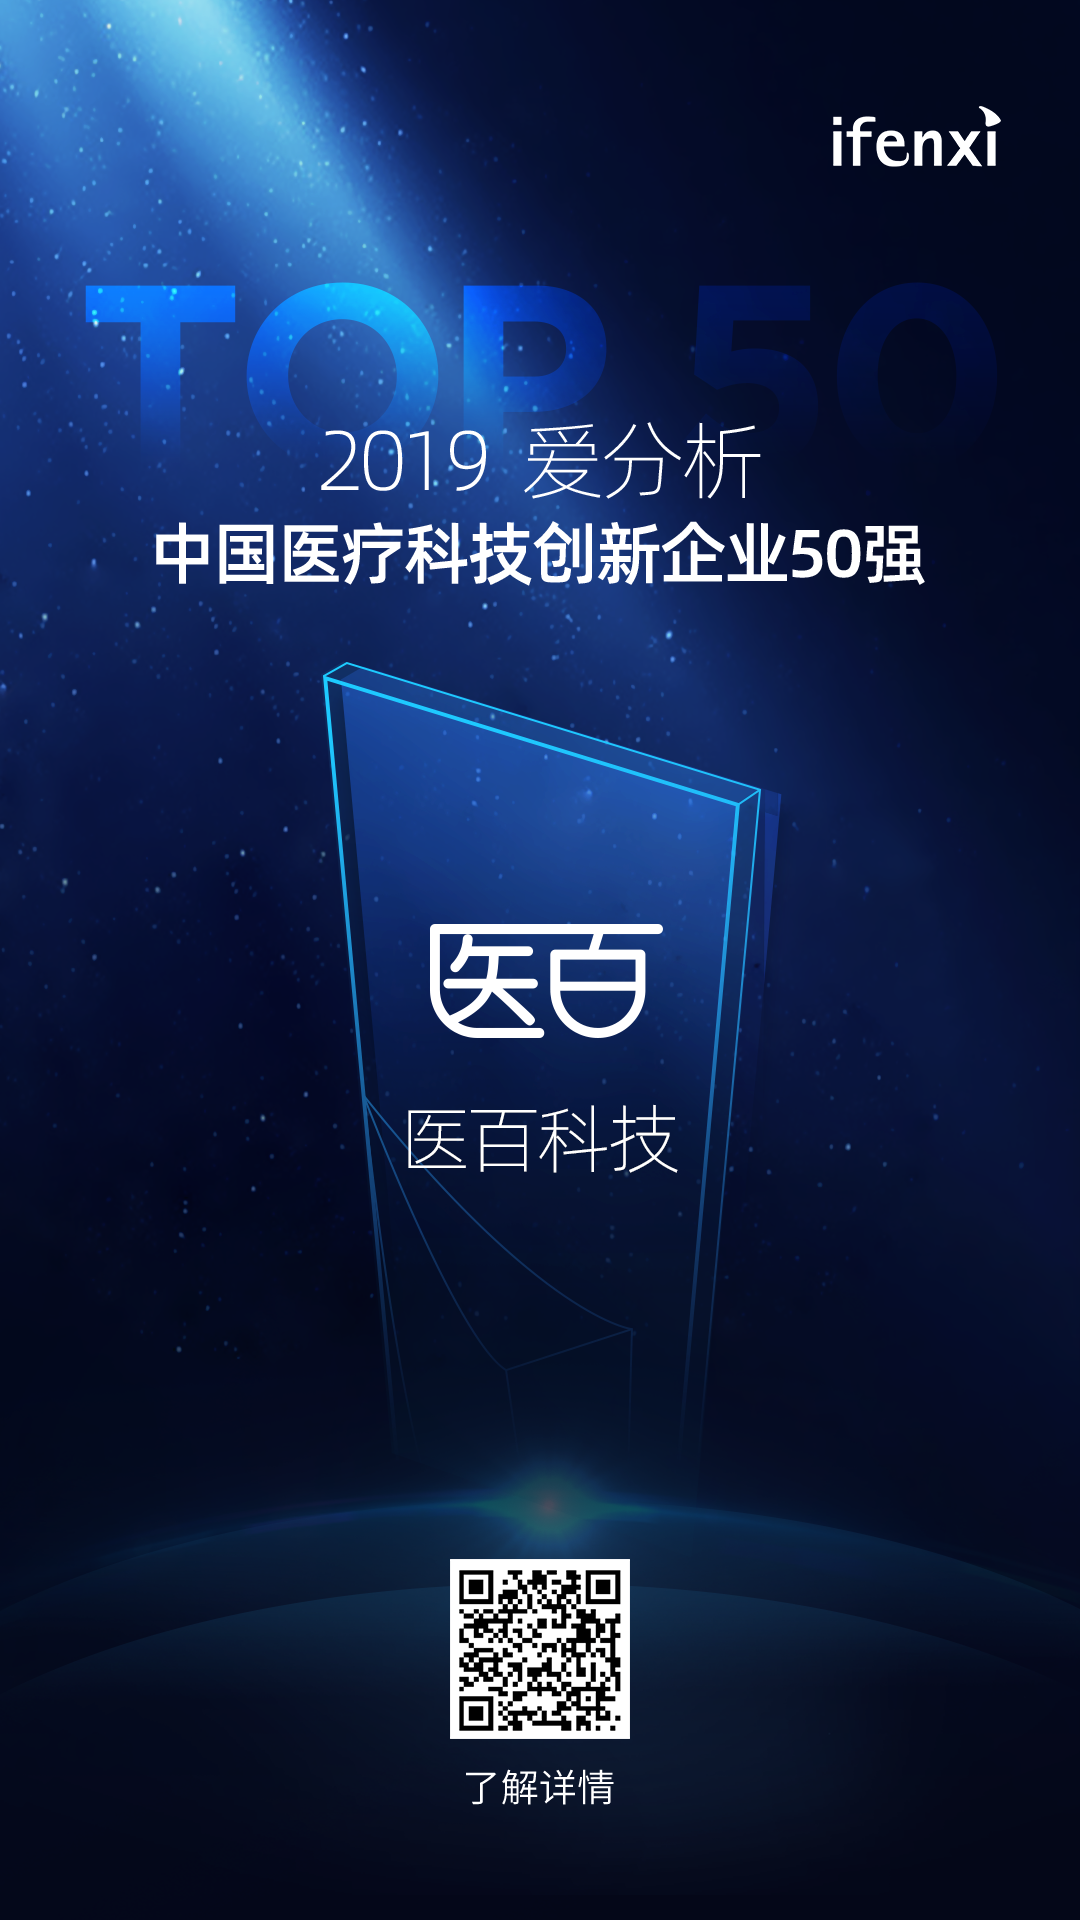 """医百科技荣获""""2019爱分析·中国医疗科技创新企业50强"""""""